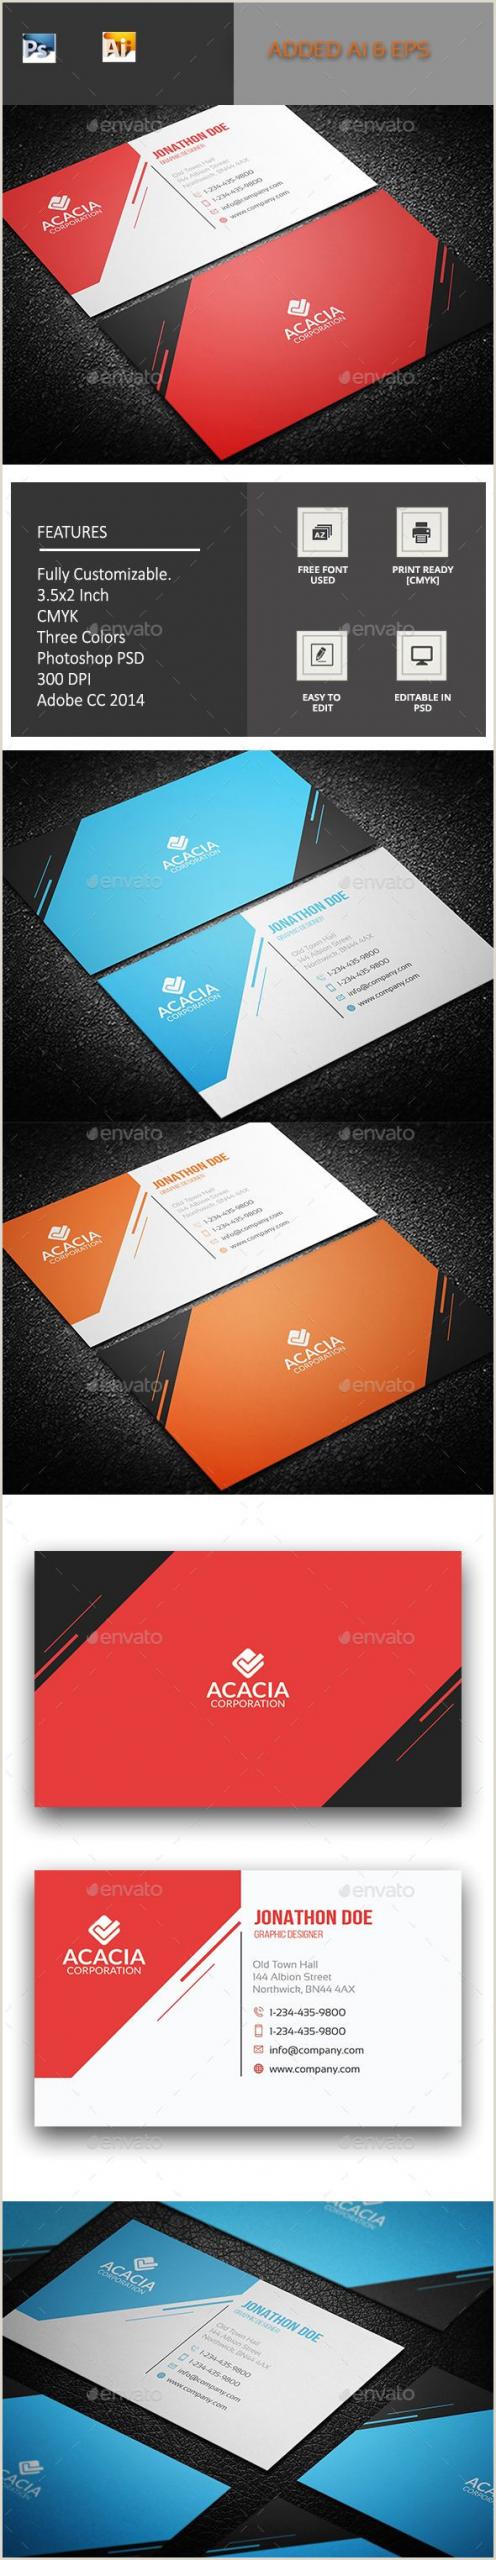 Make Professional Business Cards Medbu Business Card